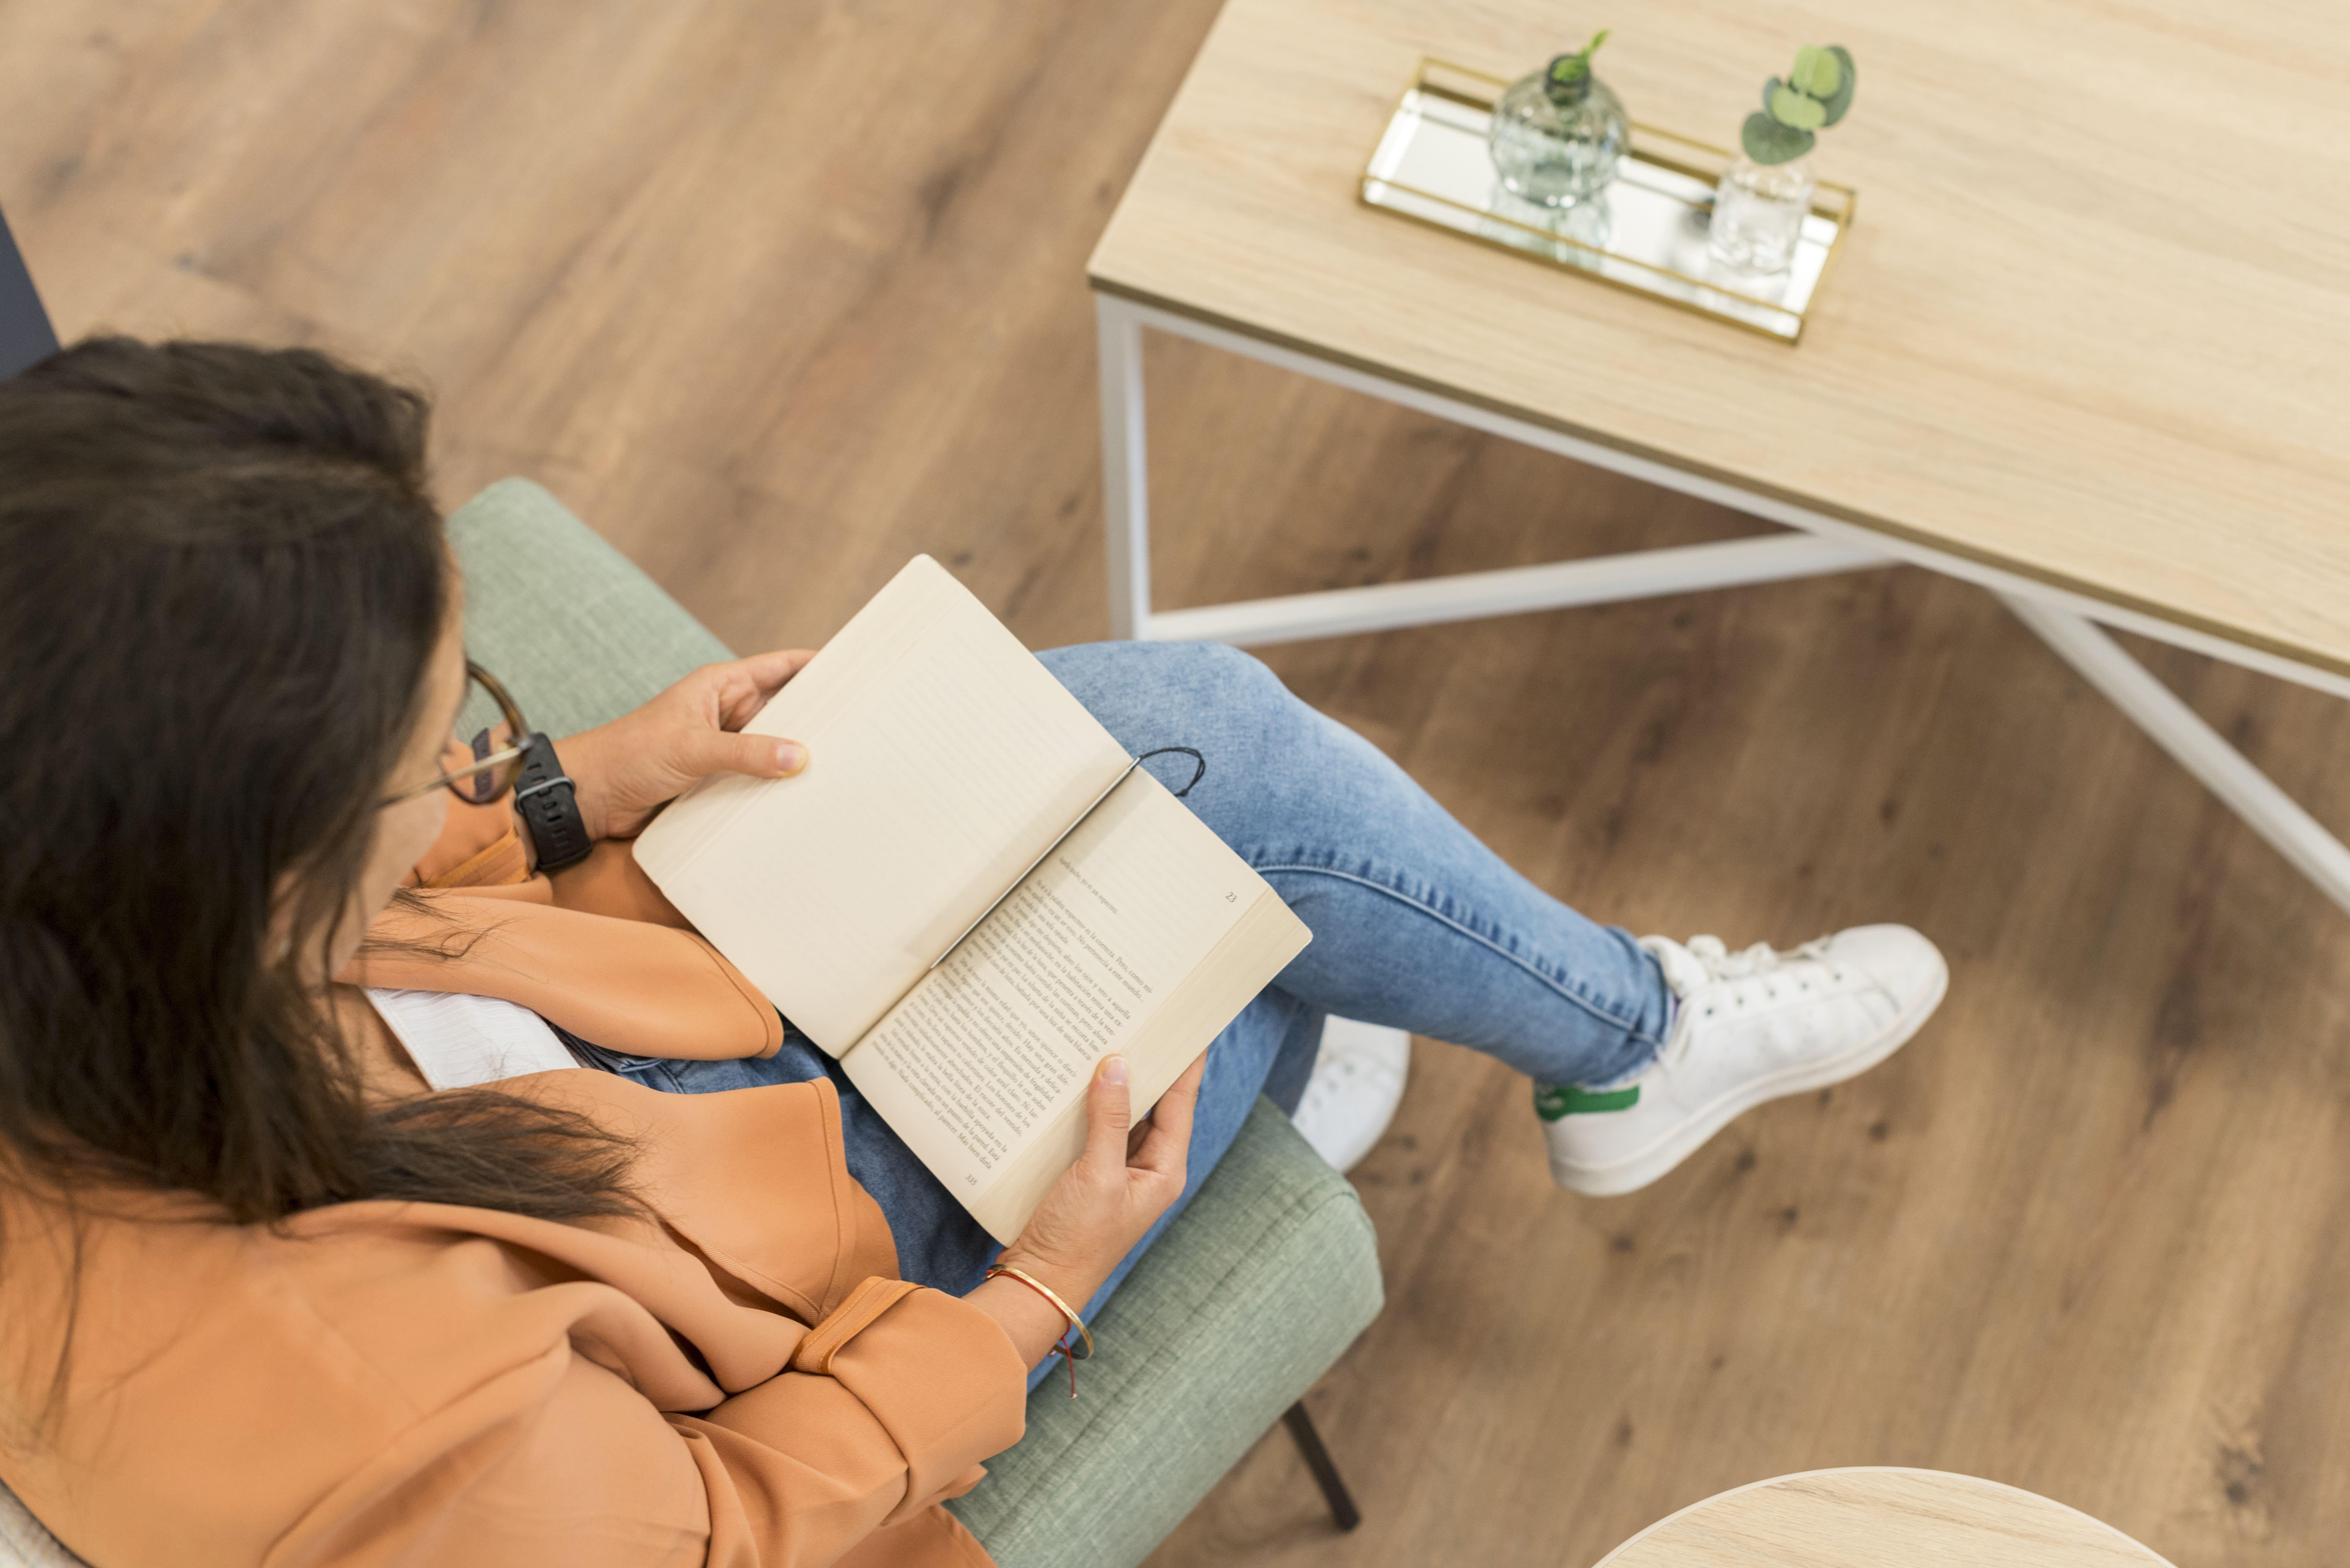 mujer leyendo un libro en su casa